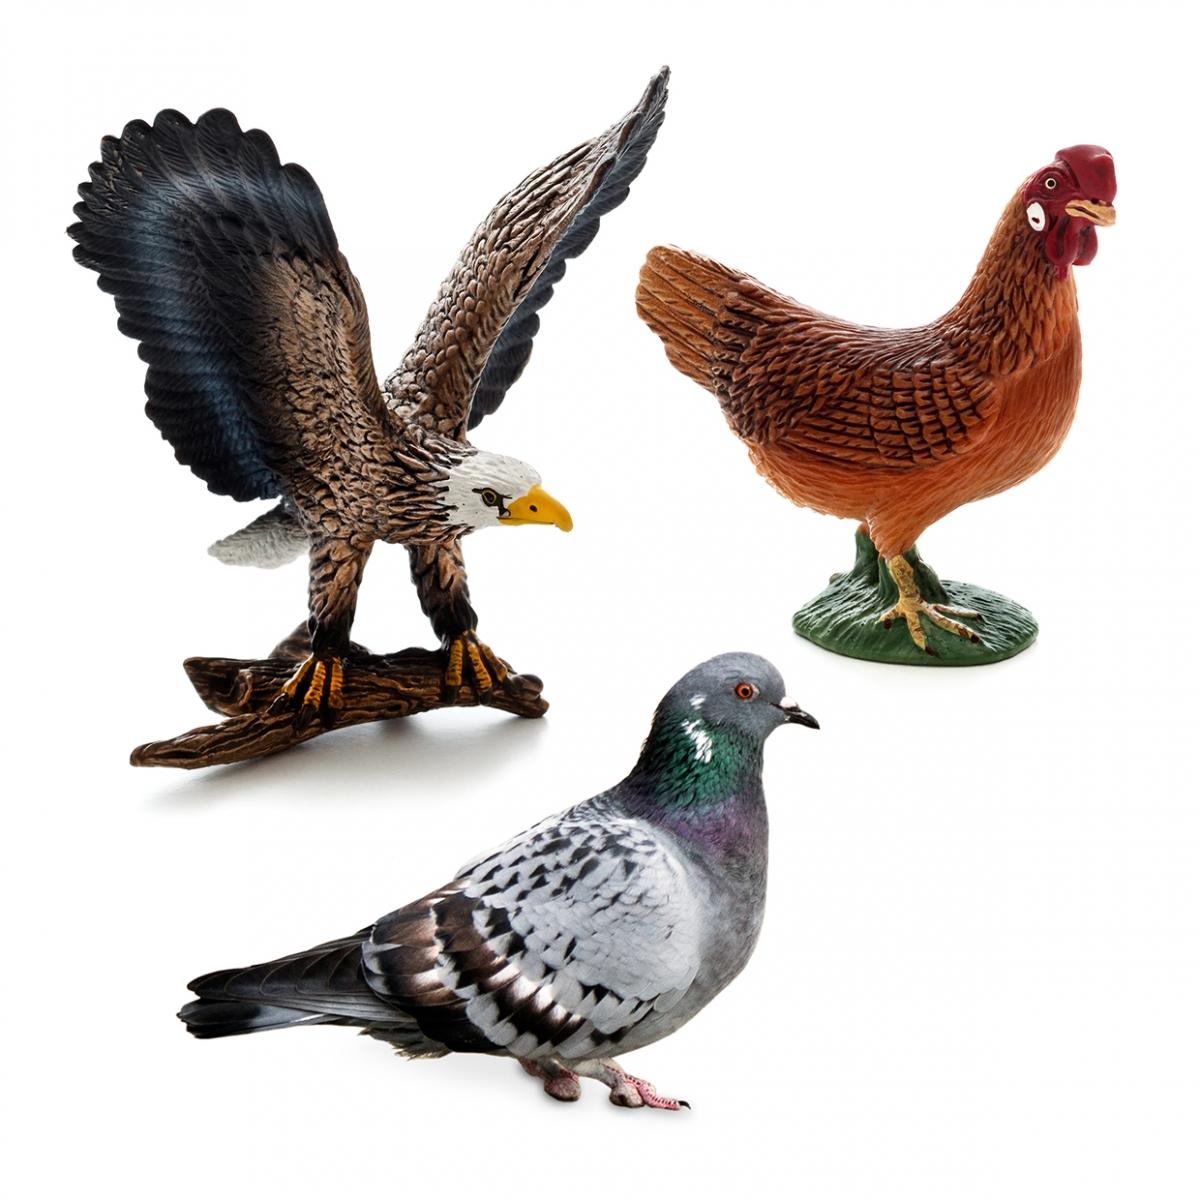 Imagen en la que se ven tres aves: un águila, una paloma y una gallina